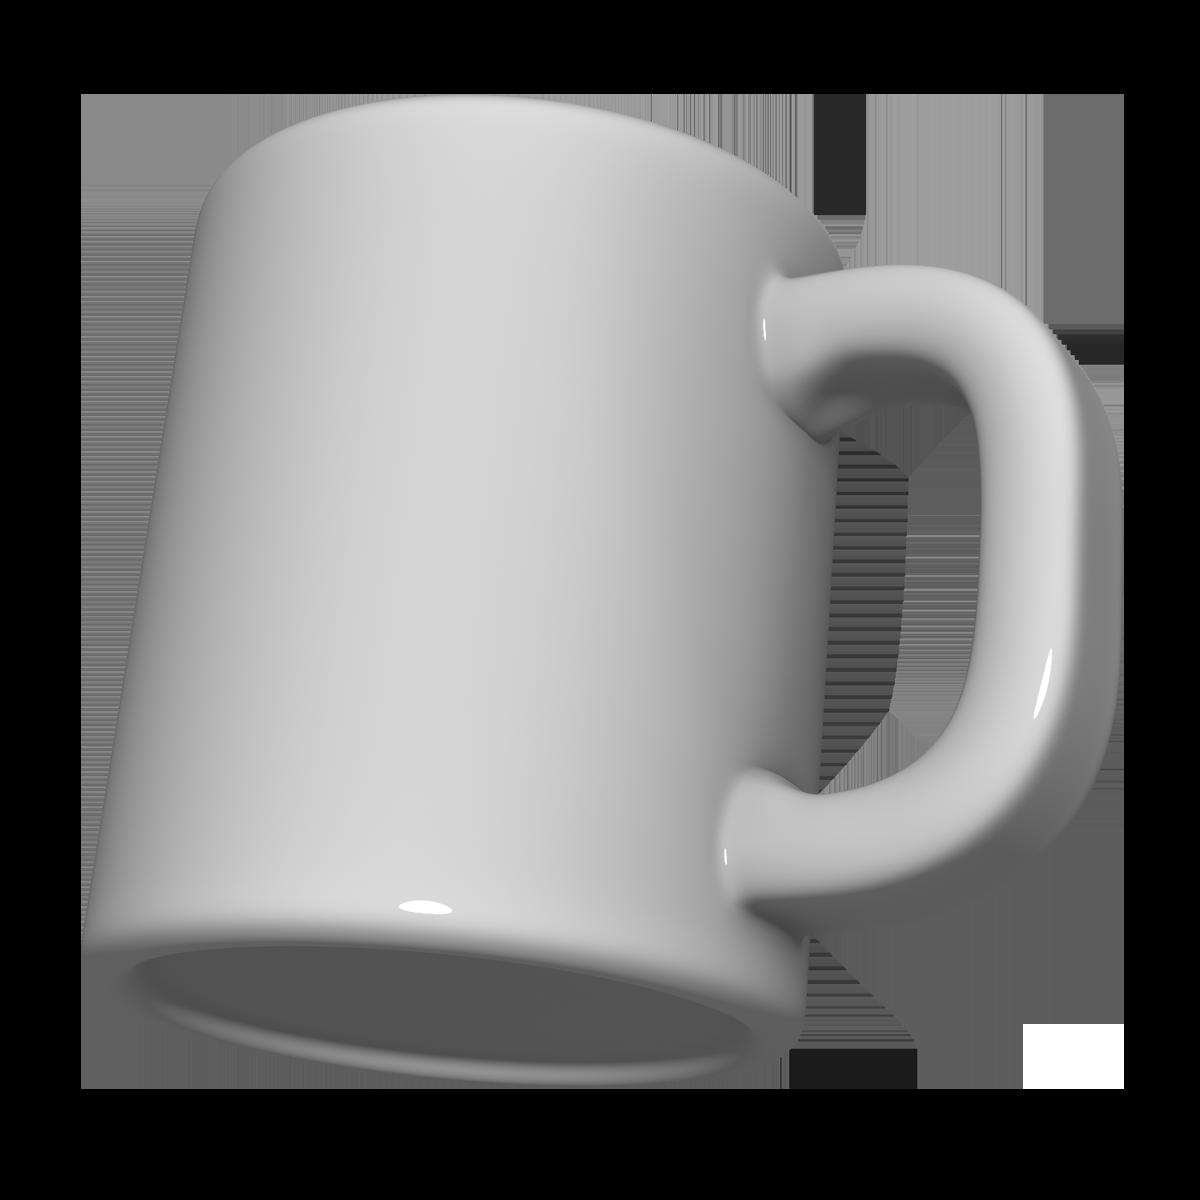 マグカップの3Dイラスト